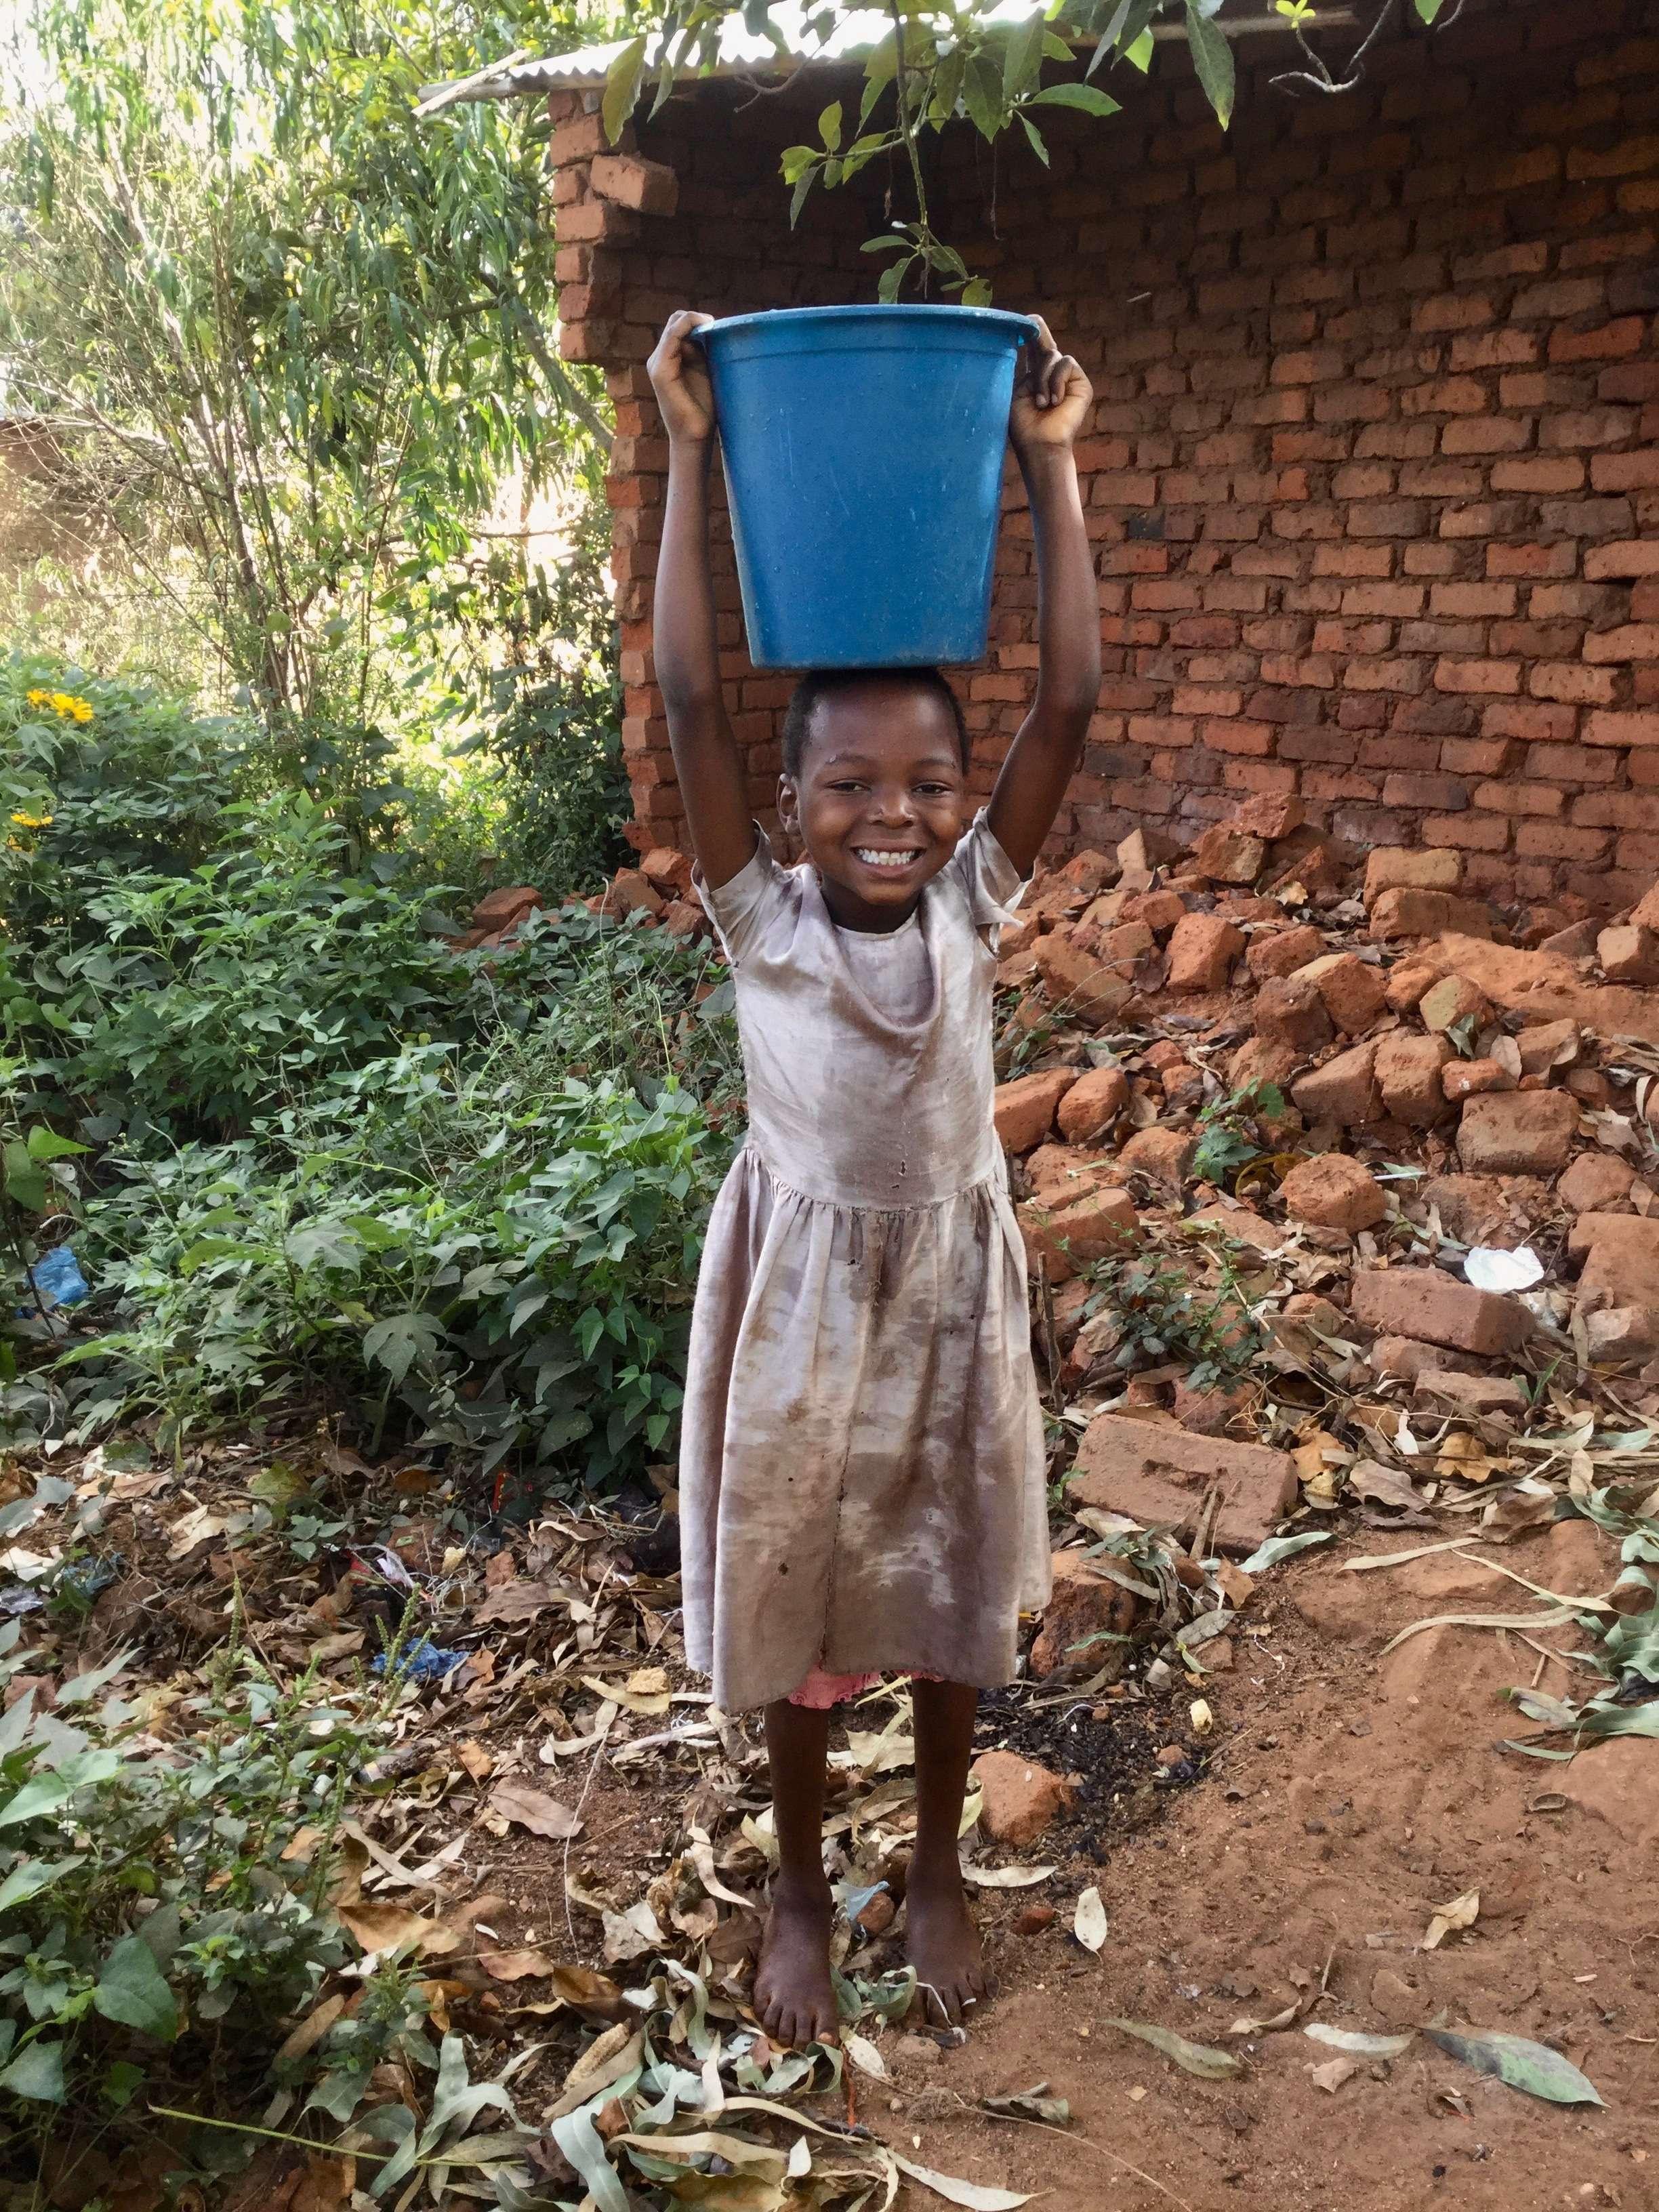 Image 5 Girl With Bucket on Head